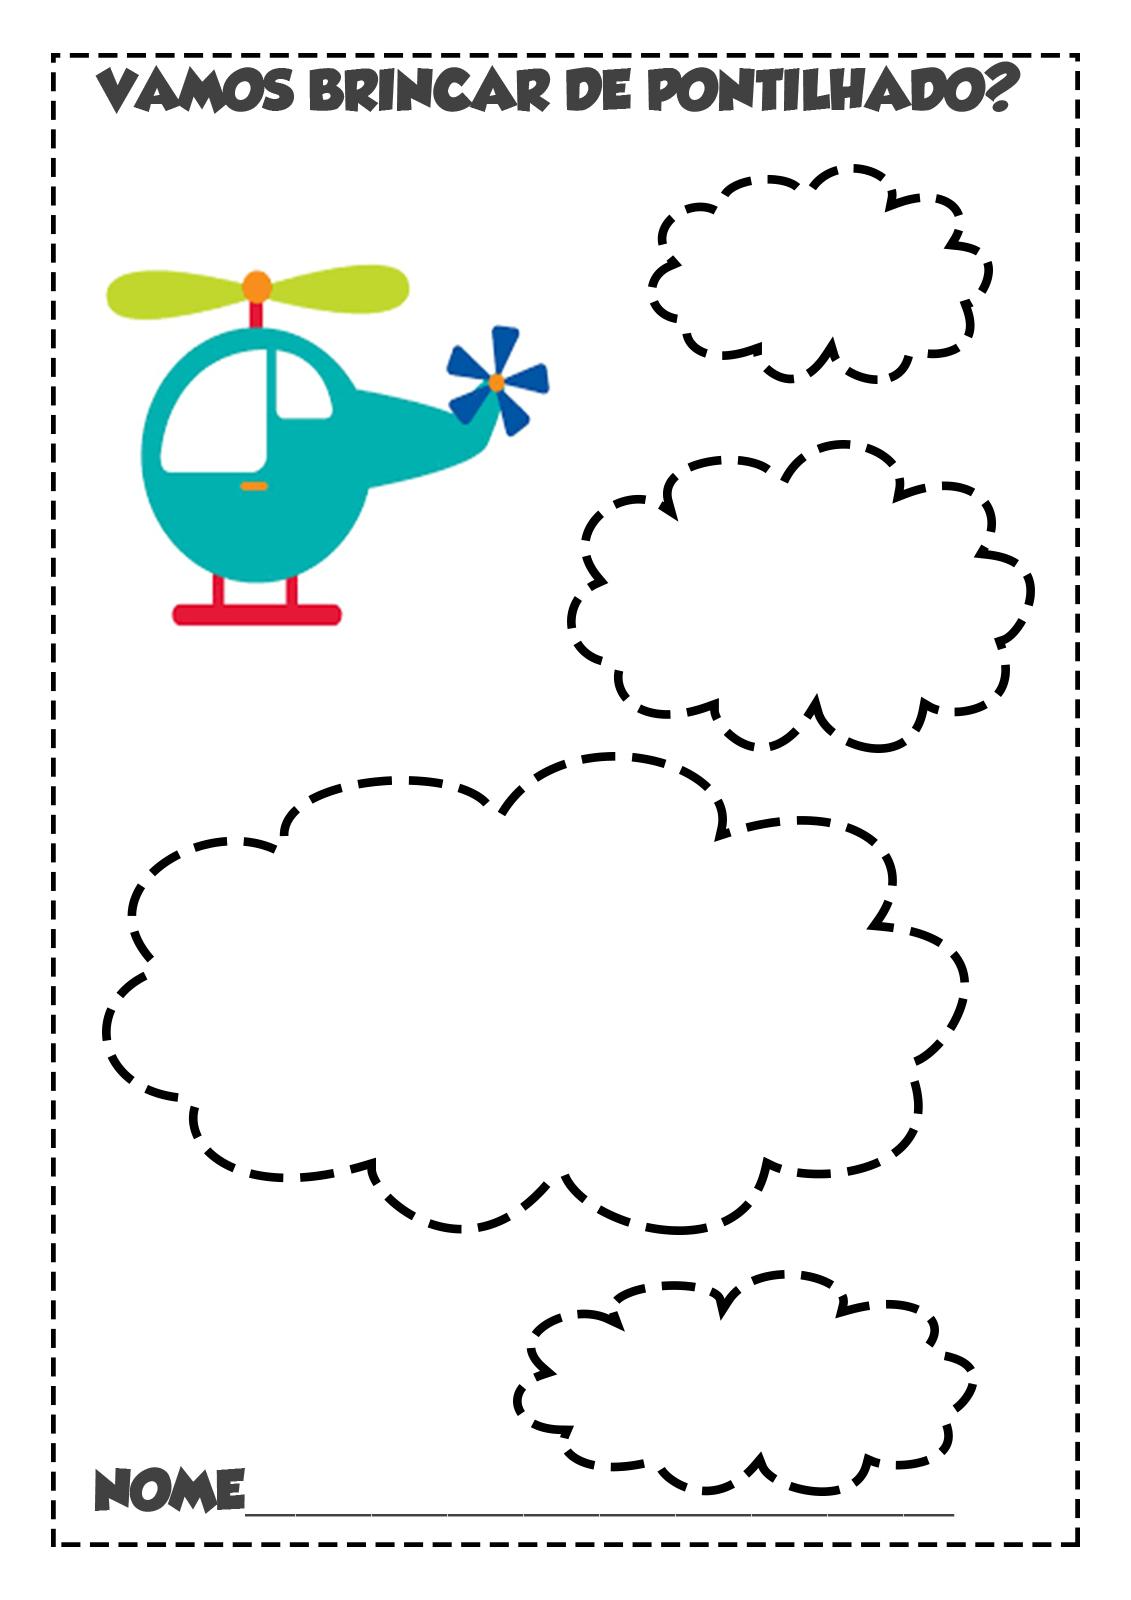 Lindas Atividades De Coordenação Motora Para Educação Infantil